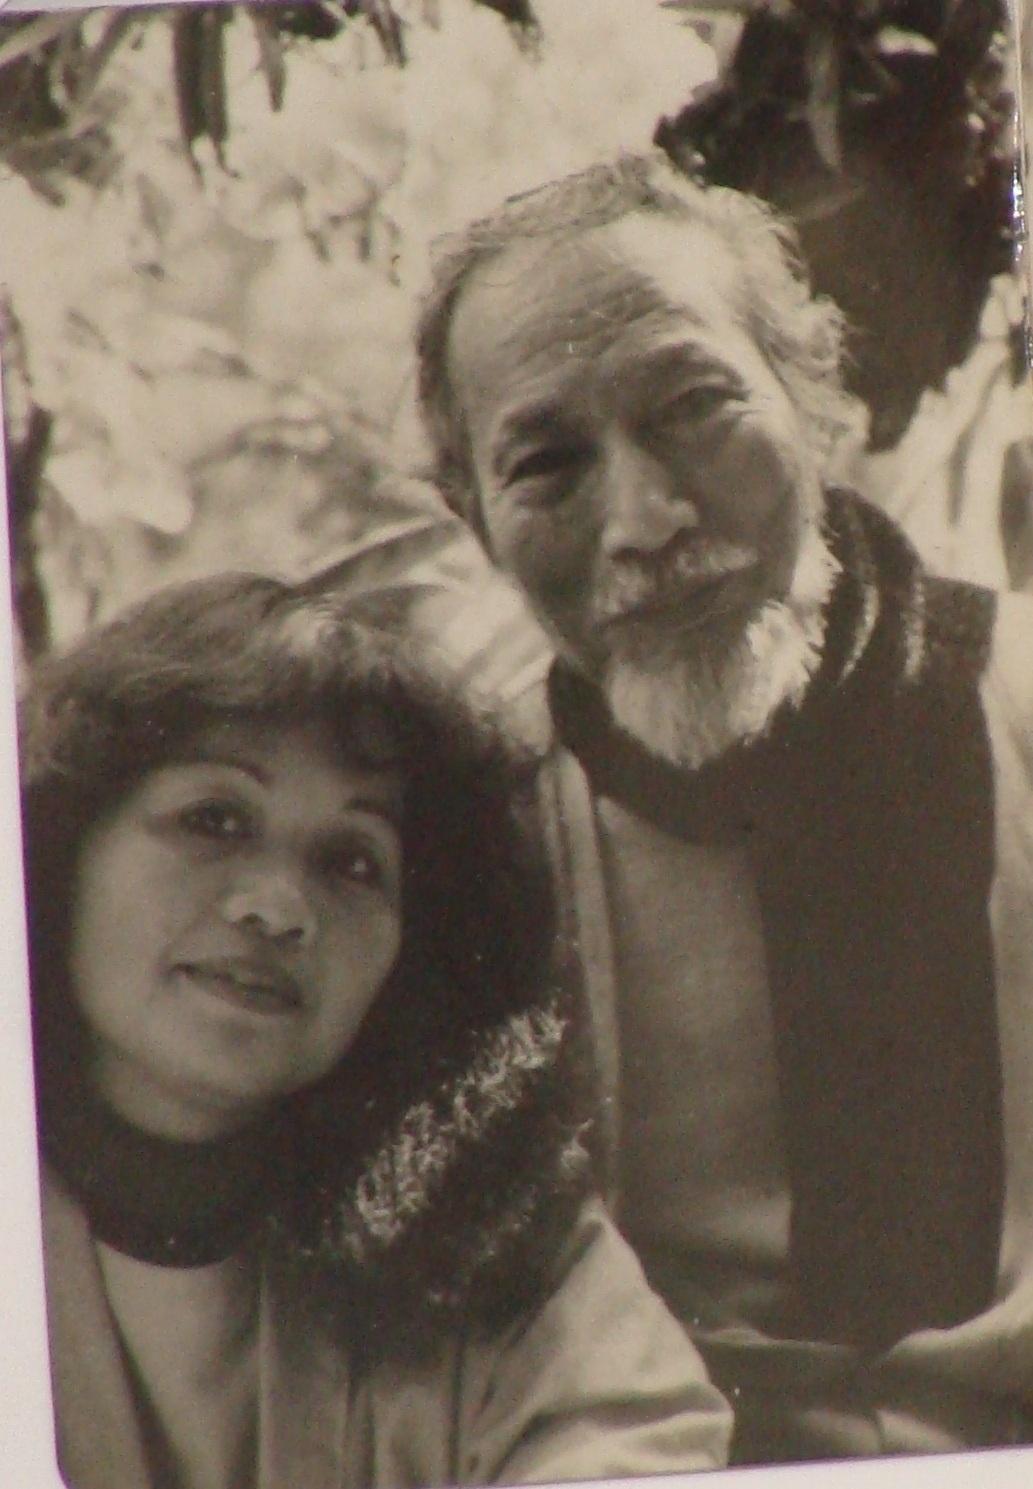 Danh họa Trần Văn Cẩn và bà Trần Thị Hồng những ngày tháng hạnh phúc. Ảnh: HTL.